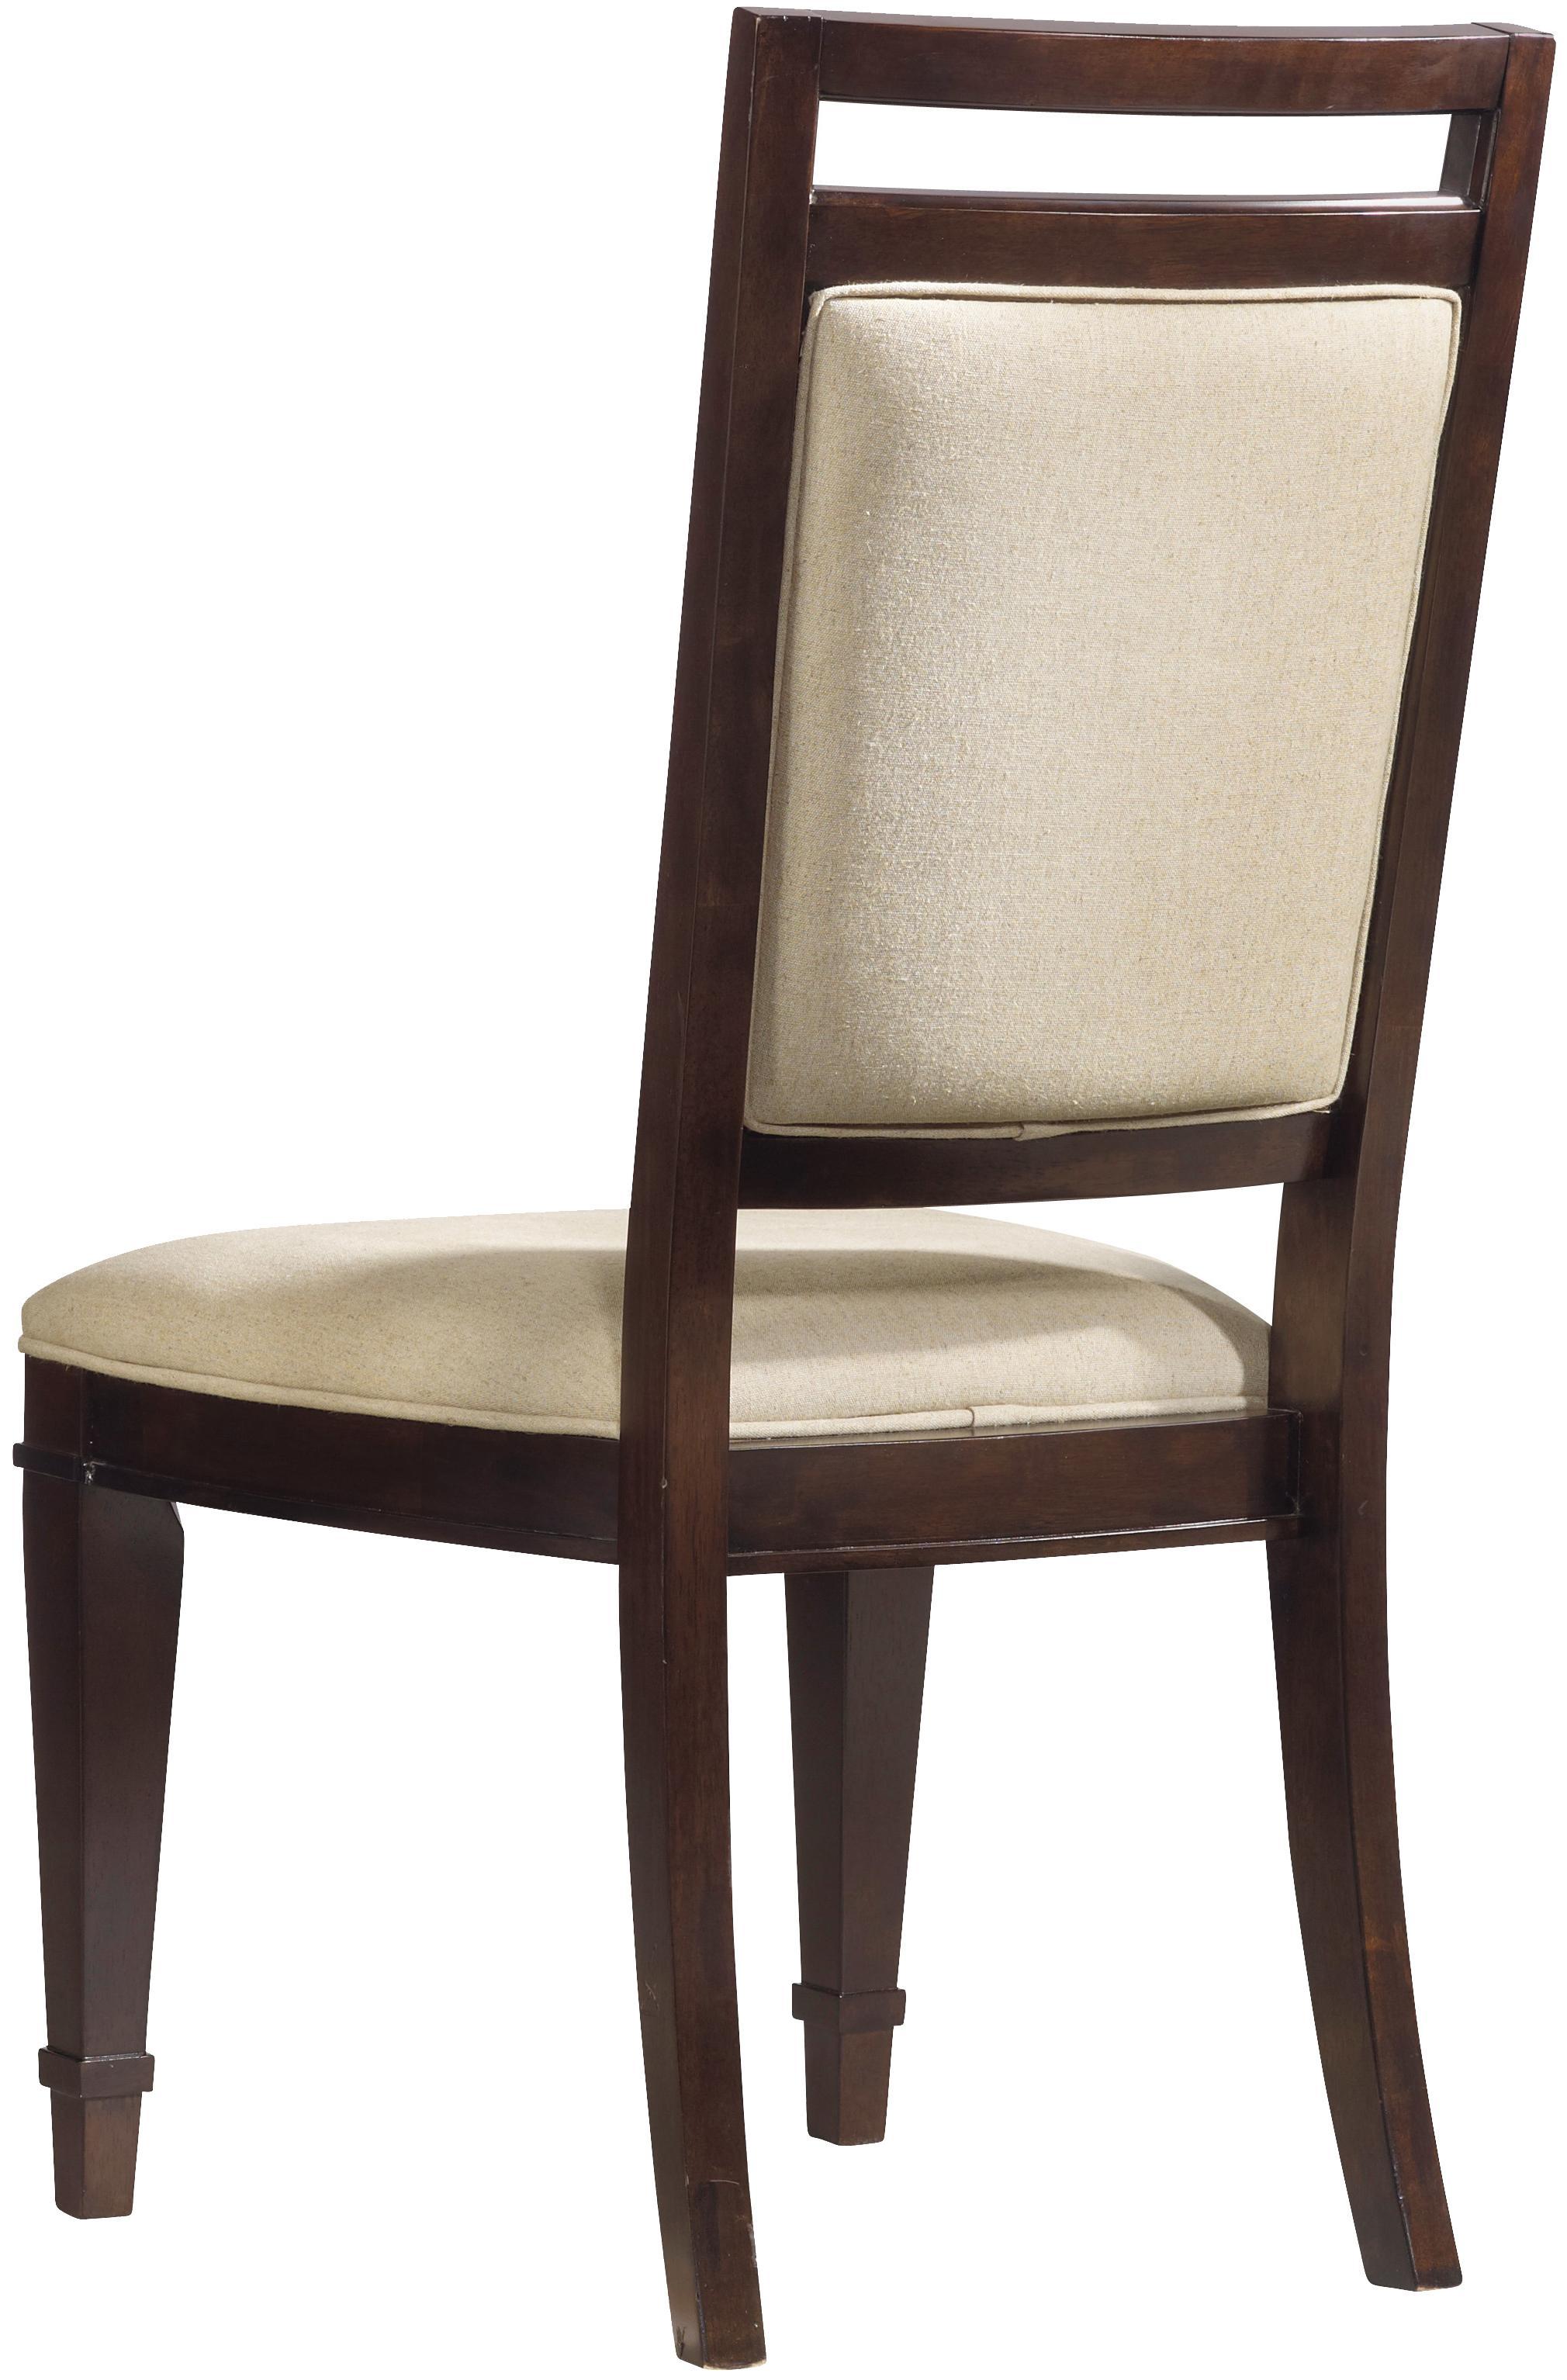 Hooker Furniture Ludlow Upholstered Back Side Chair - Item Number: 1030-76510